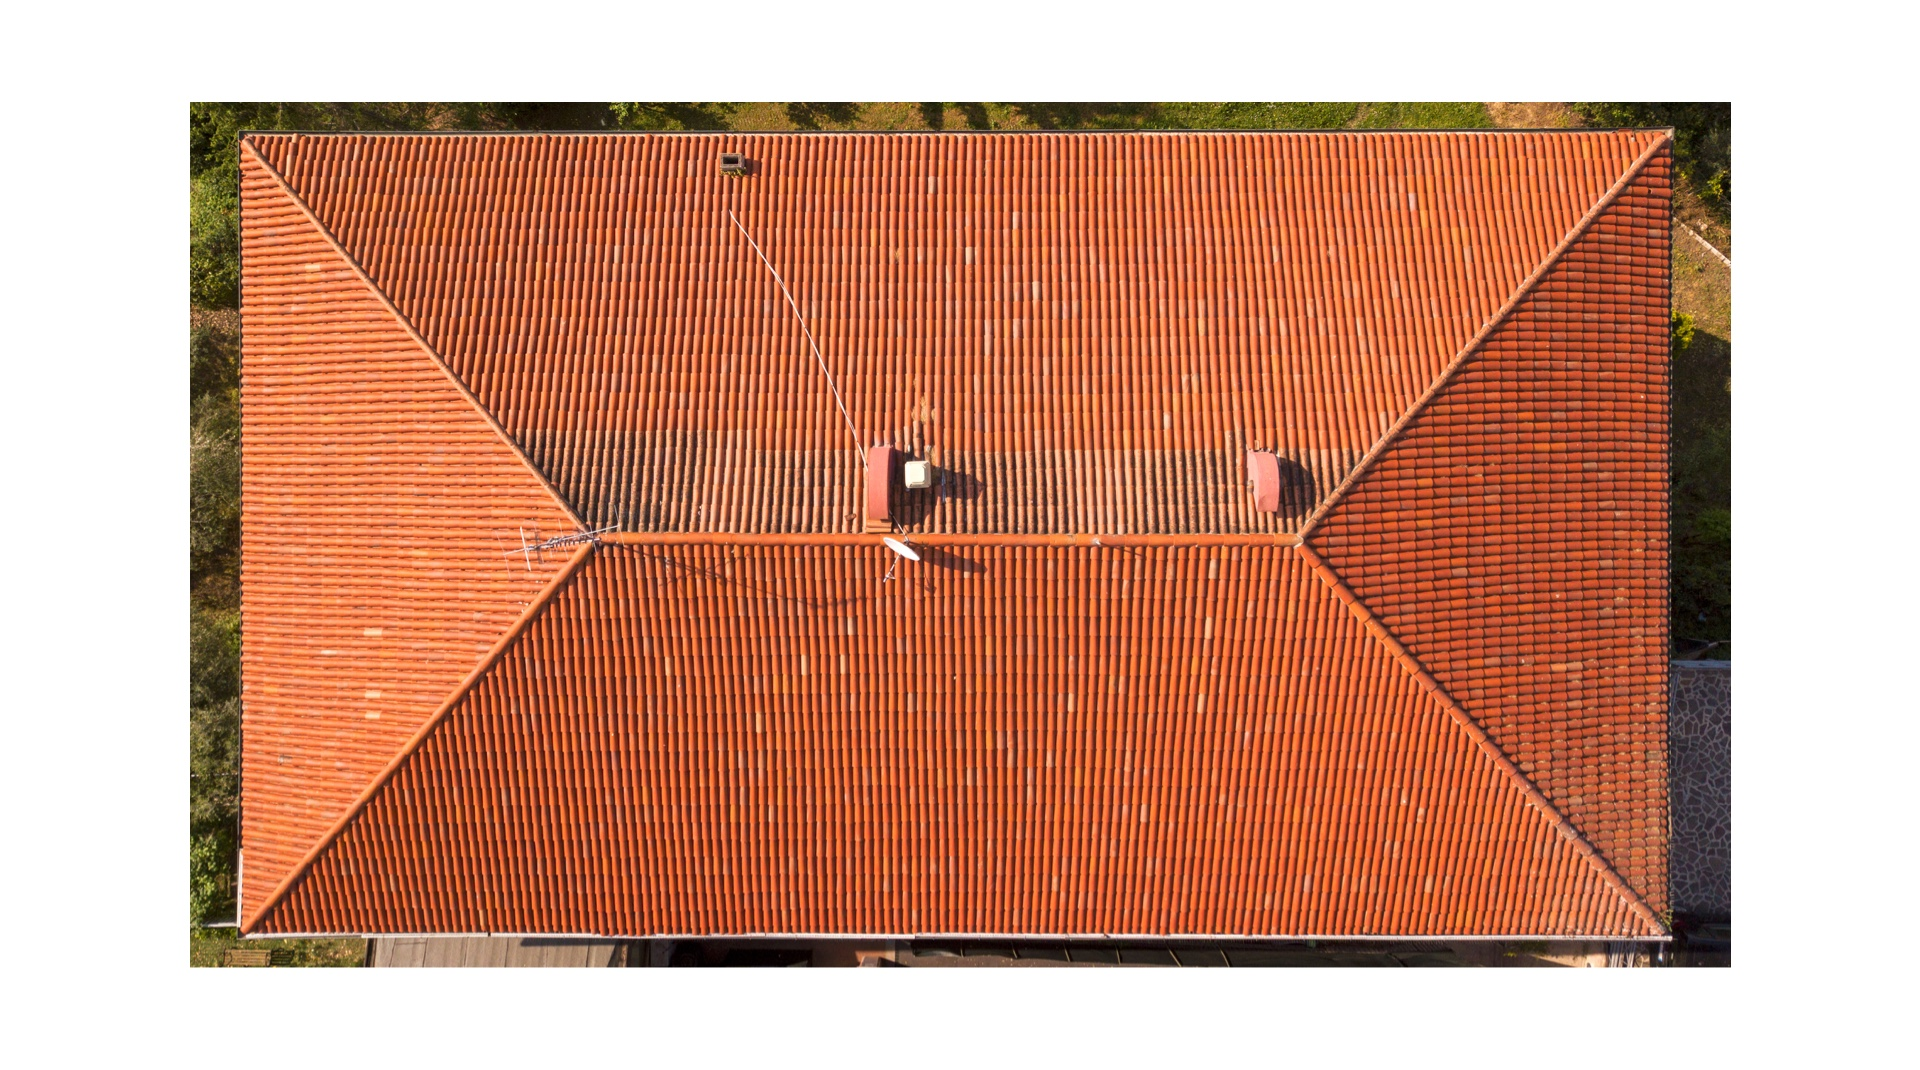 Beliebteste Dachformen: ein rotes Walmdach von oben fotografiert